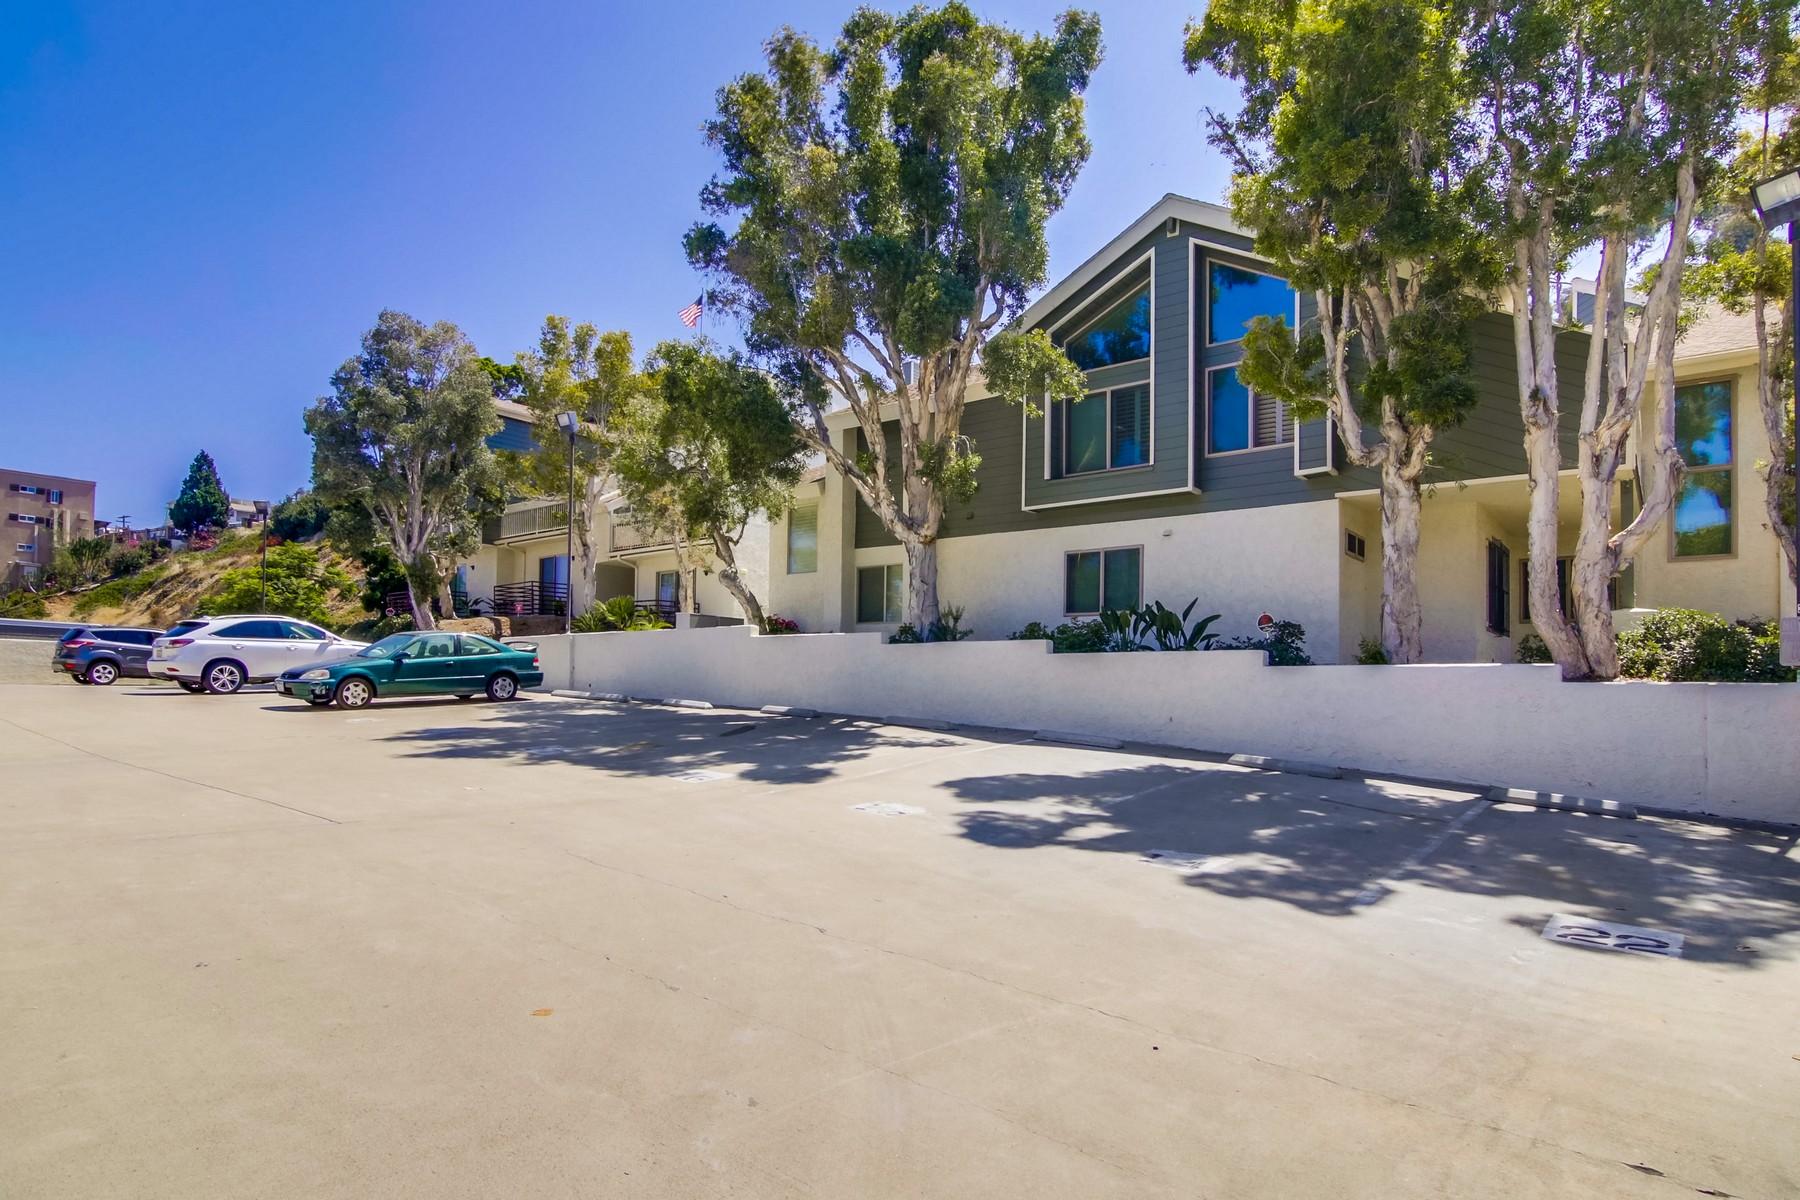 Eigentumswohnung für Verkauf beim BayPoint 2255 Worden St #19 San Diego, Kalifornien, 92107 Vereinigte Staaten